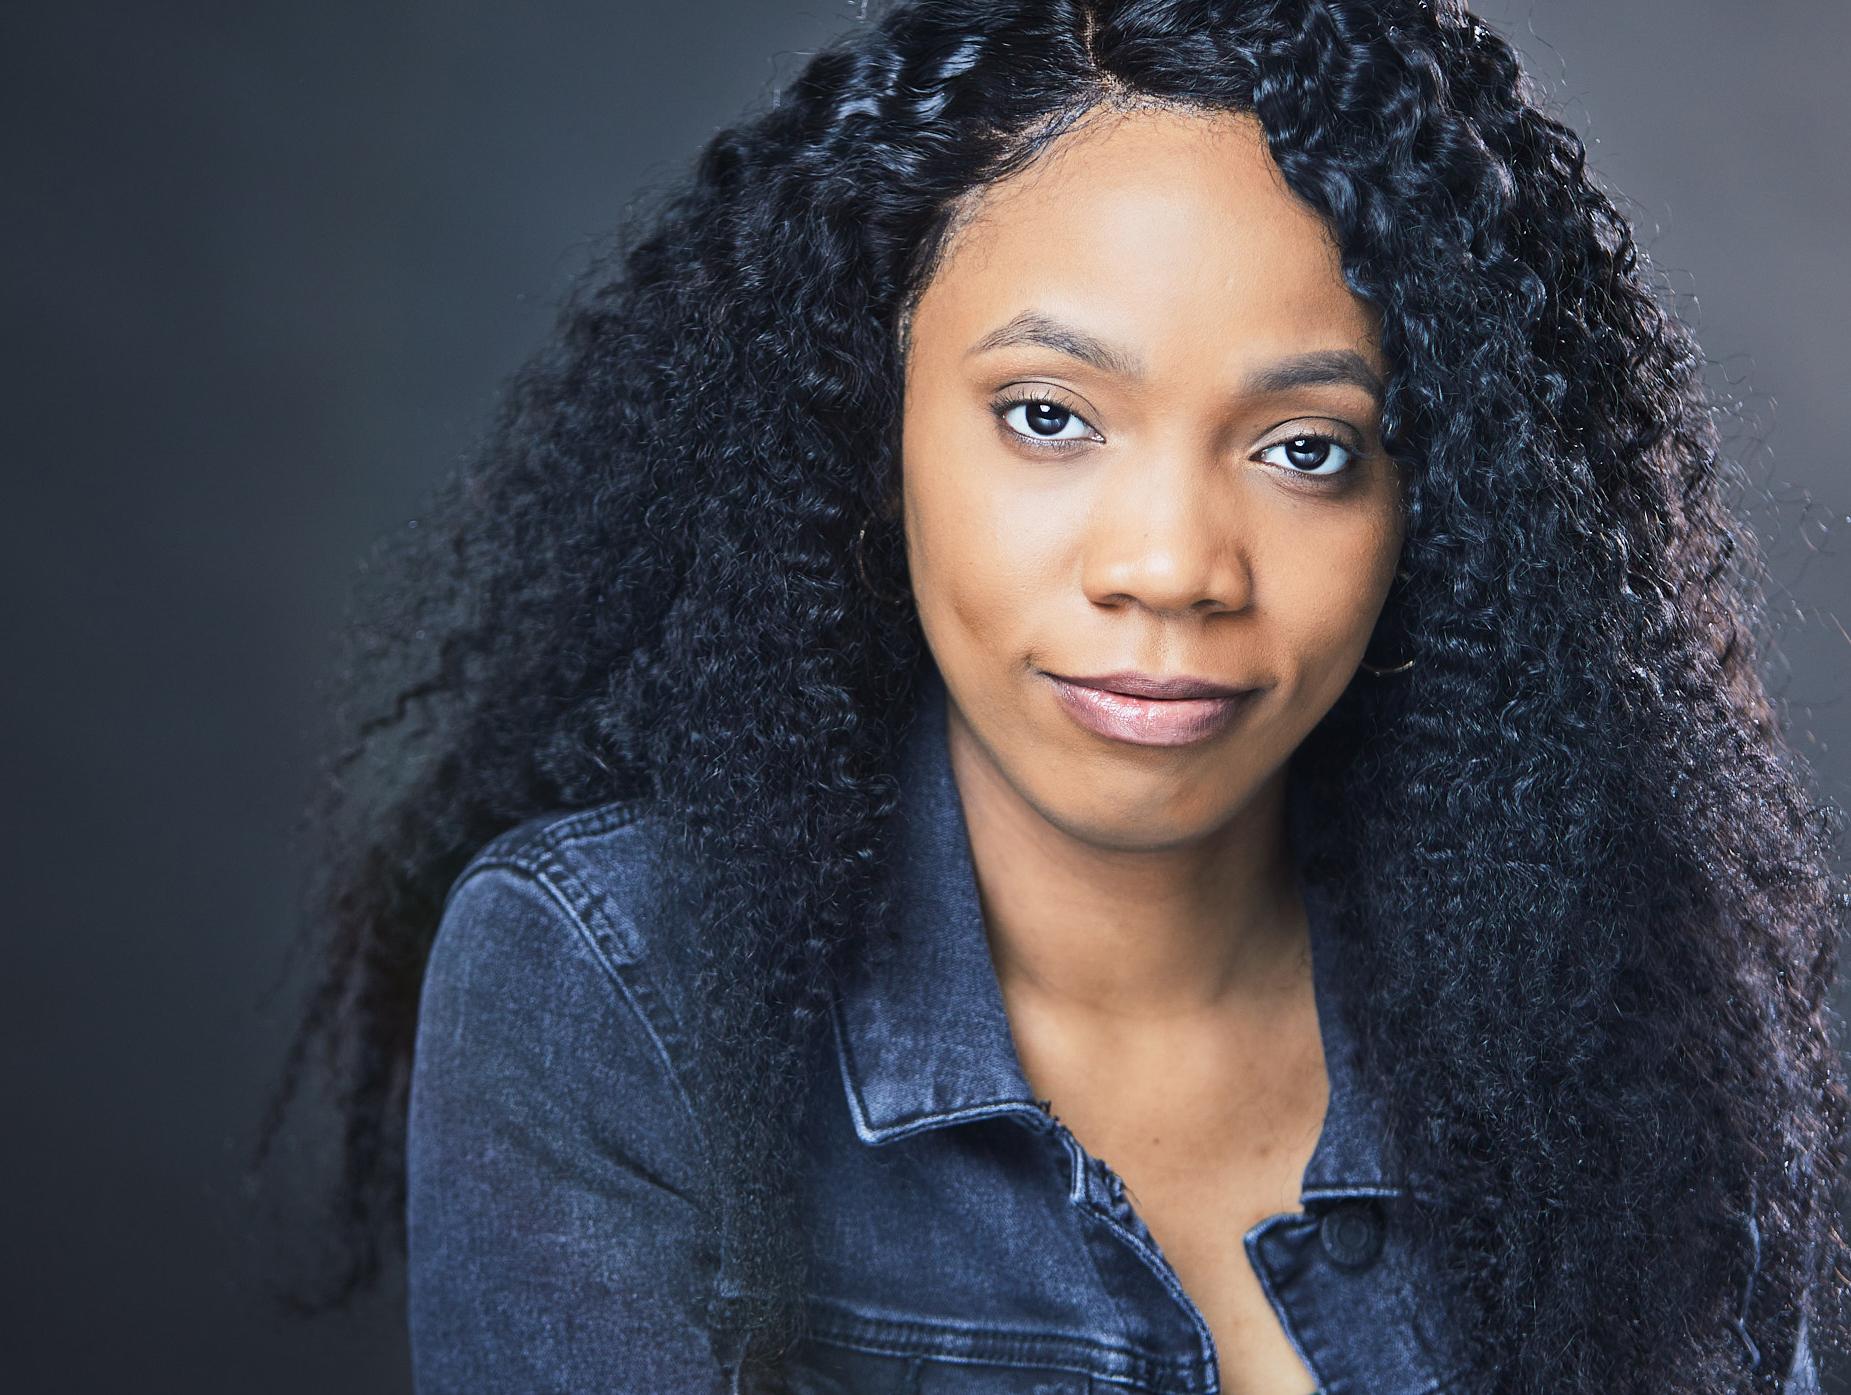 Actor's Headshots by Karen Forsythe